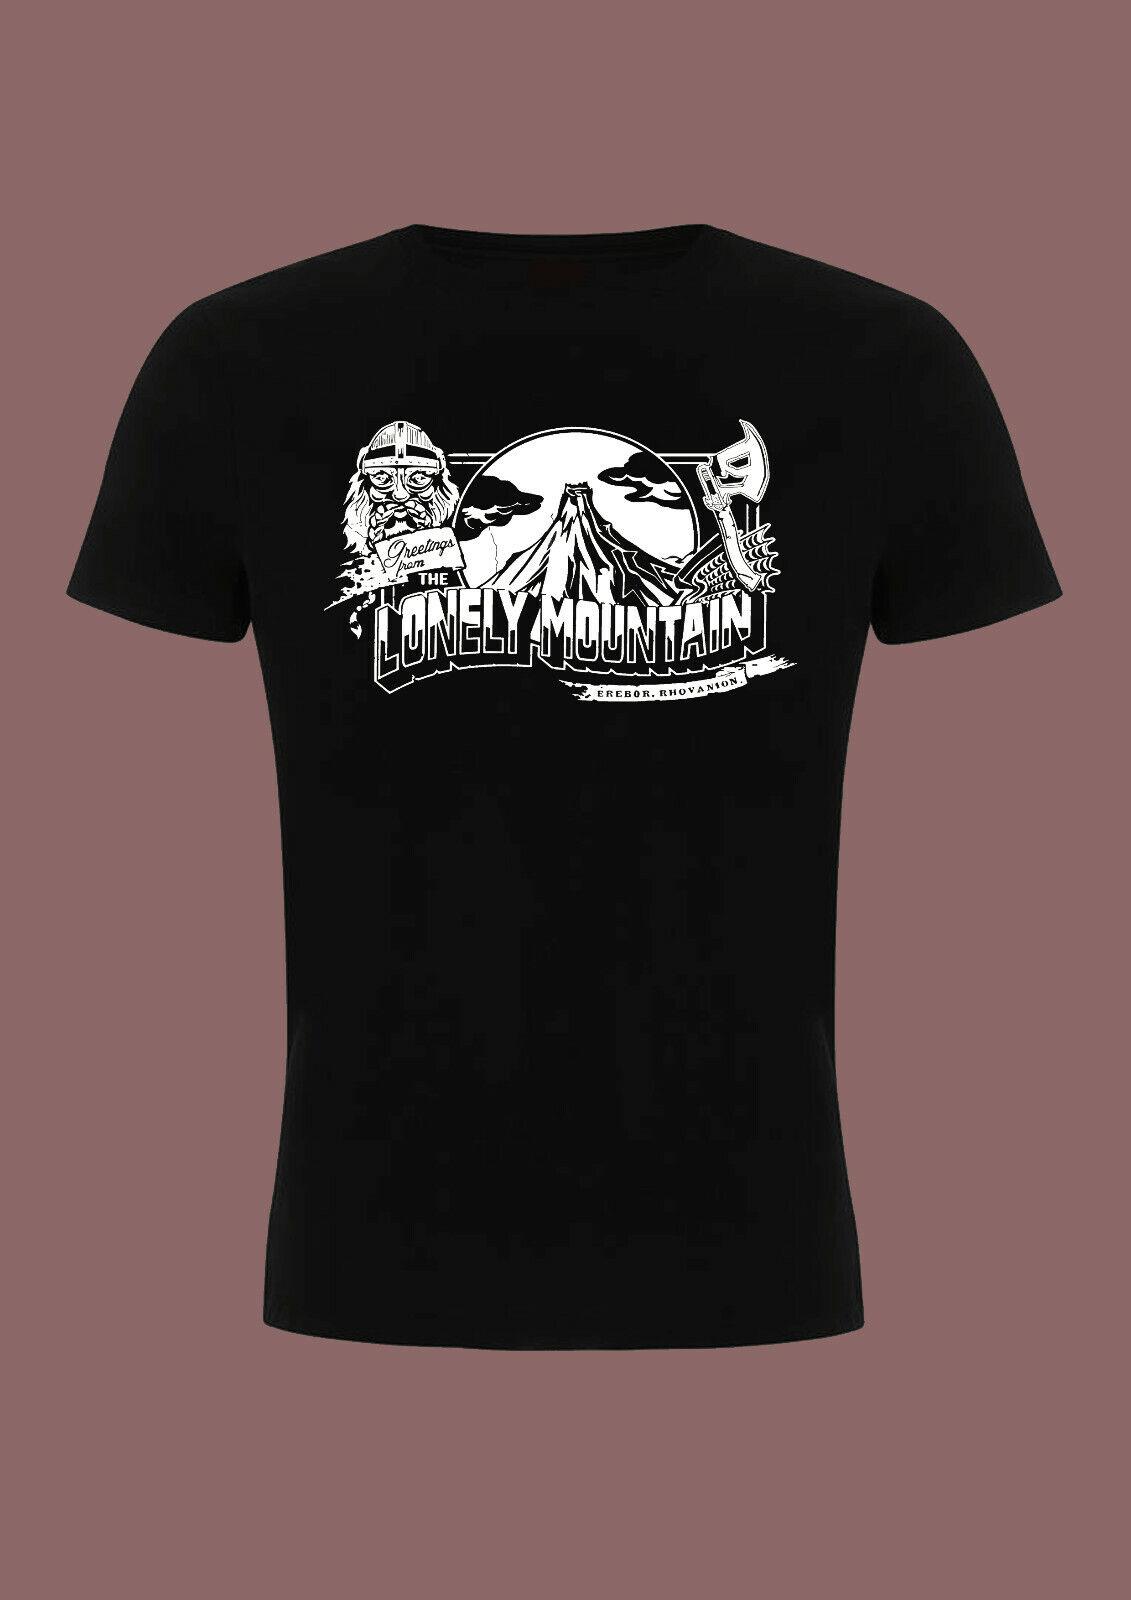 Herr der Ringe,Hobbit,Mittelerde,Mordor inspiriert T-Shirt .